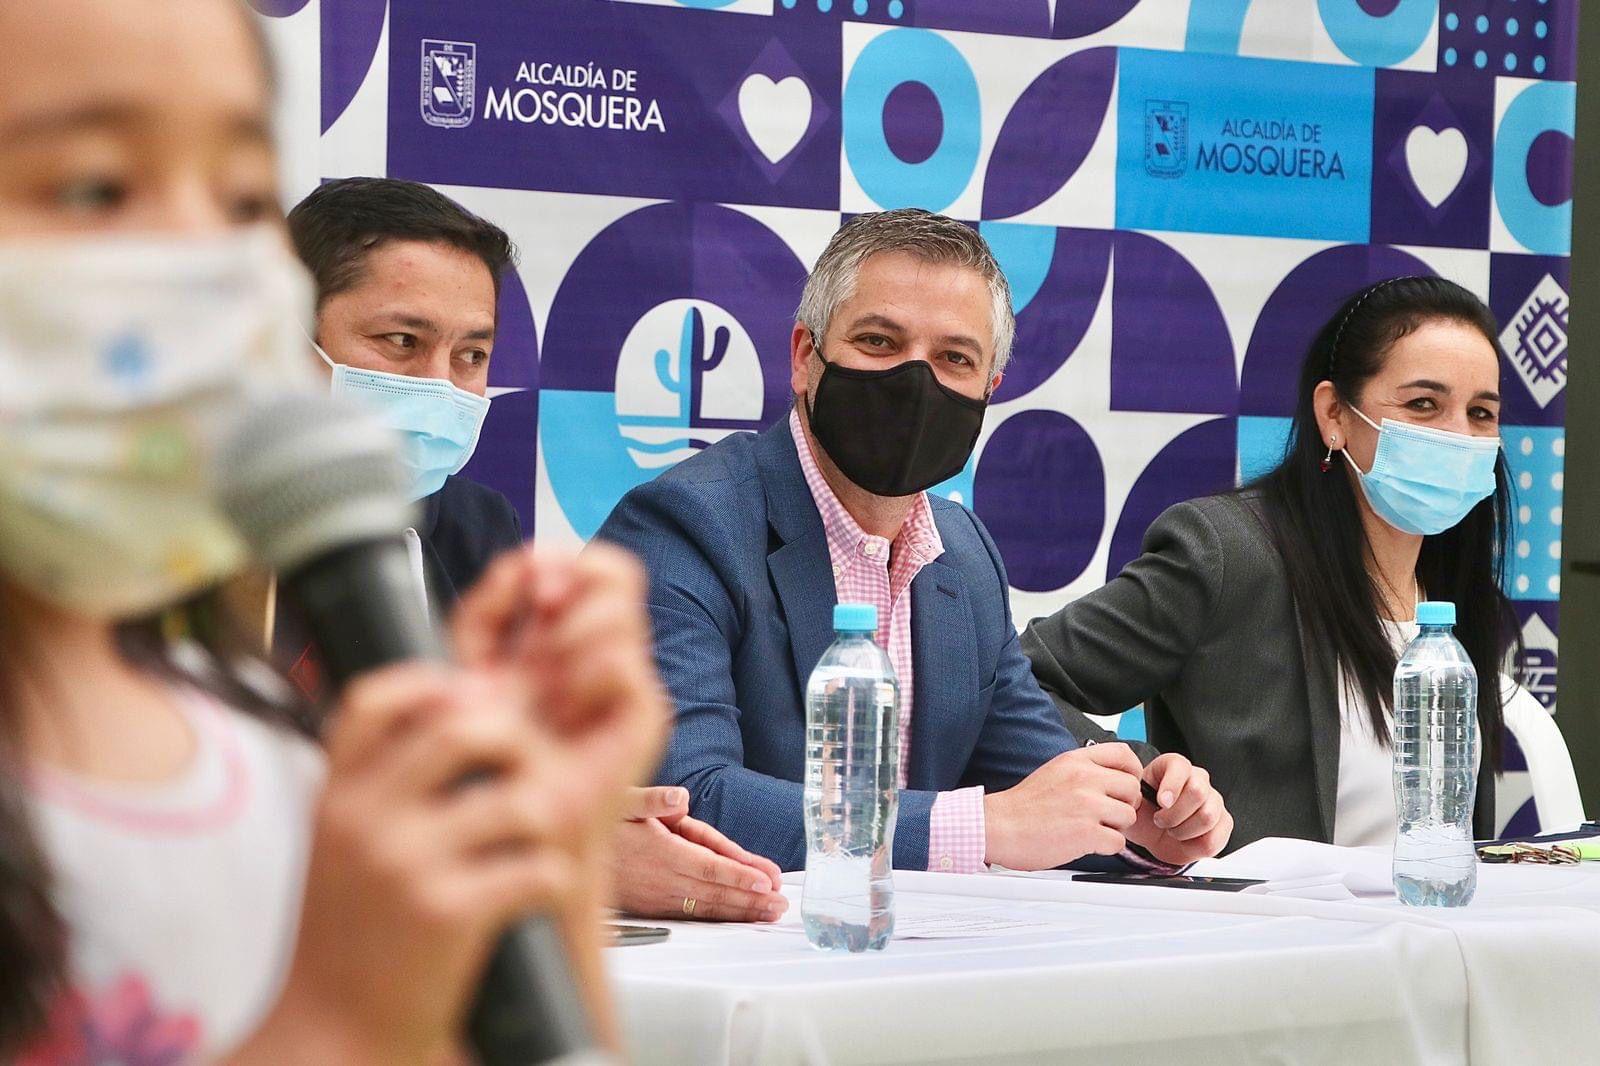 Mosquera arranca con nuevo programa de salud en colegios del municipio - Noticias de Colombia